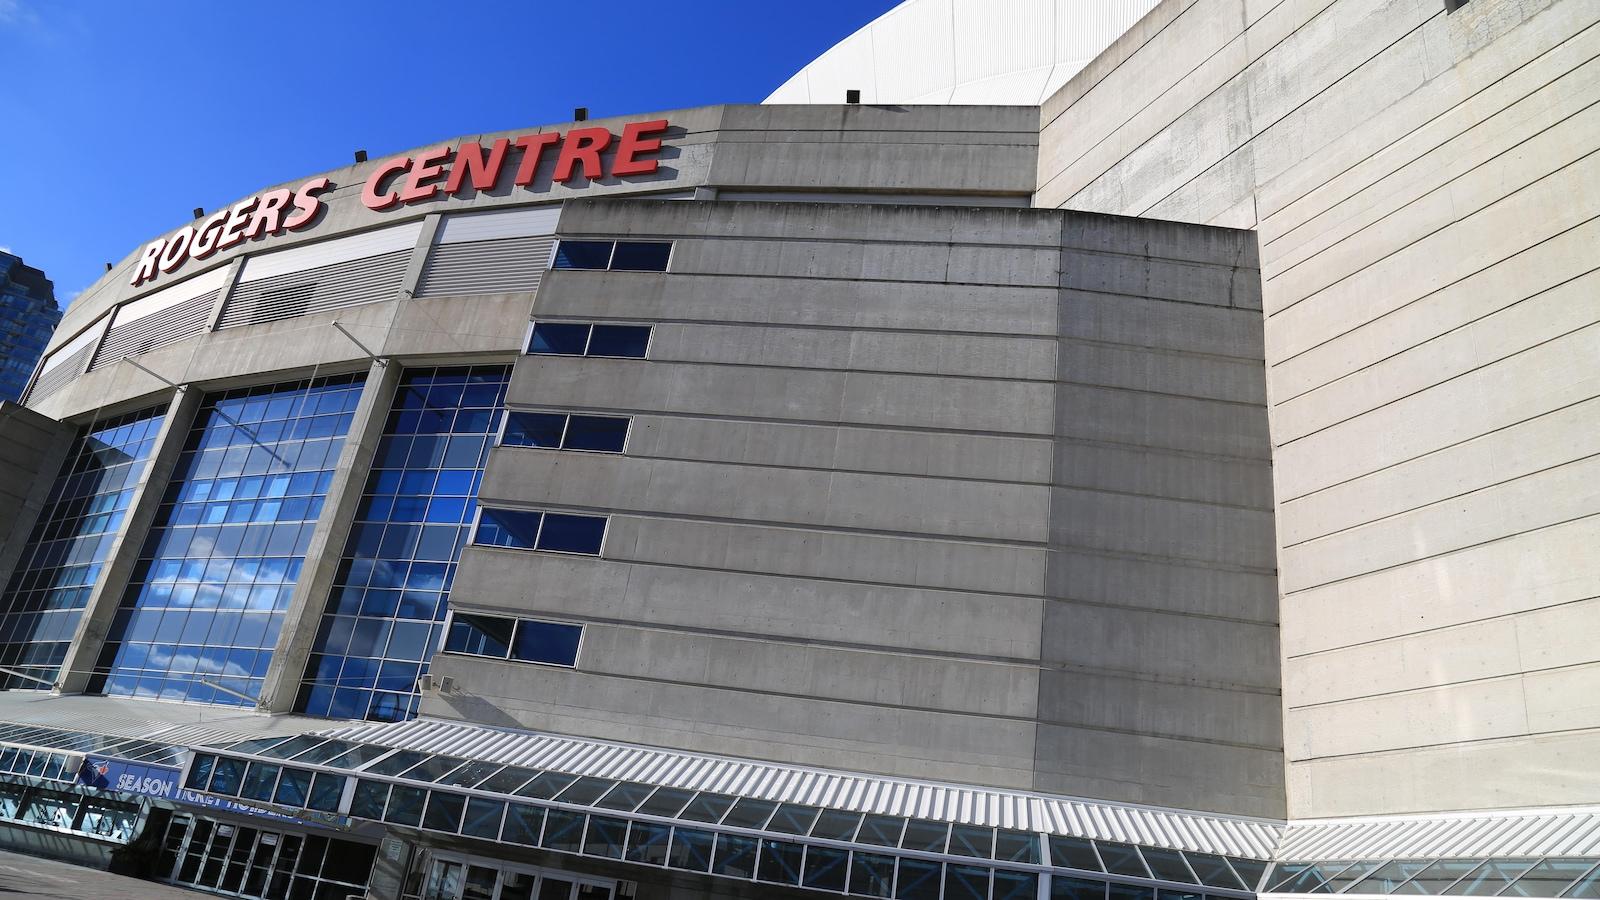 Le bâtiment extérieur du Centre de Rogers de Toronto en hiver.